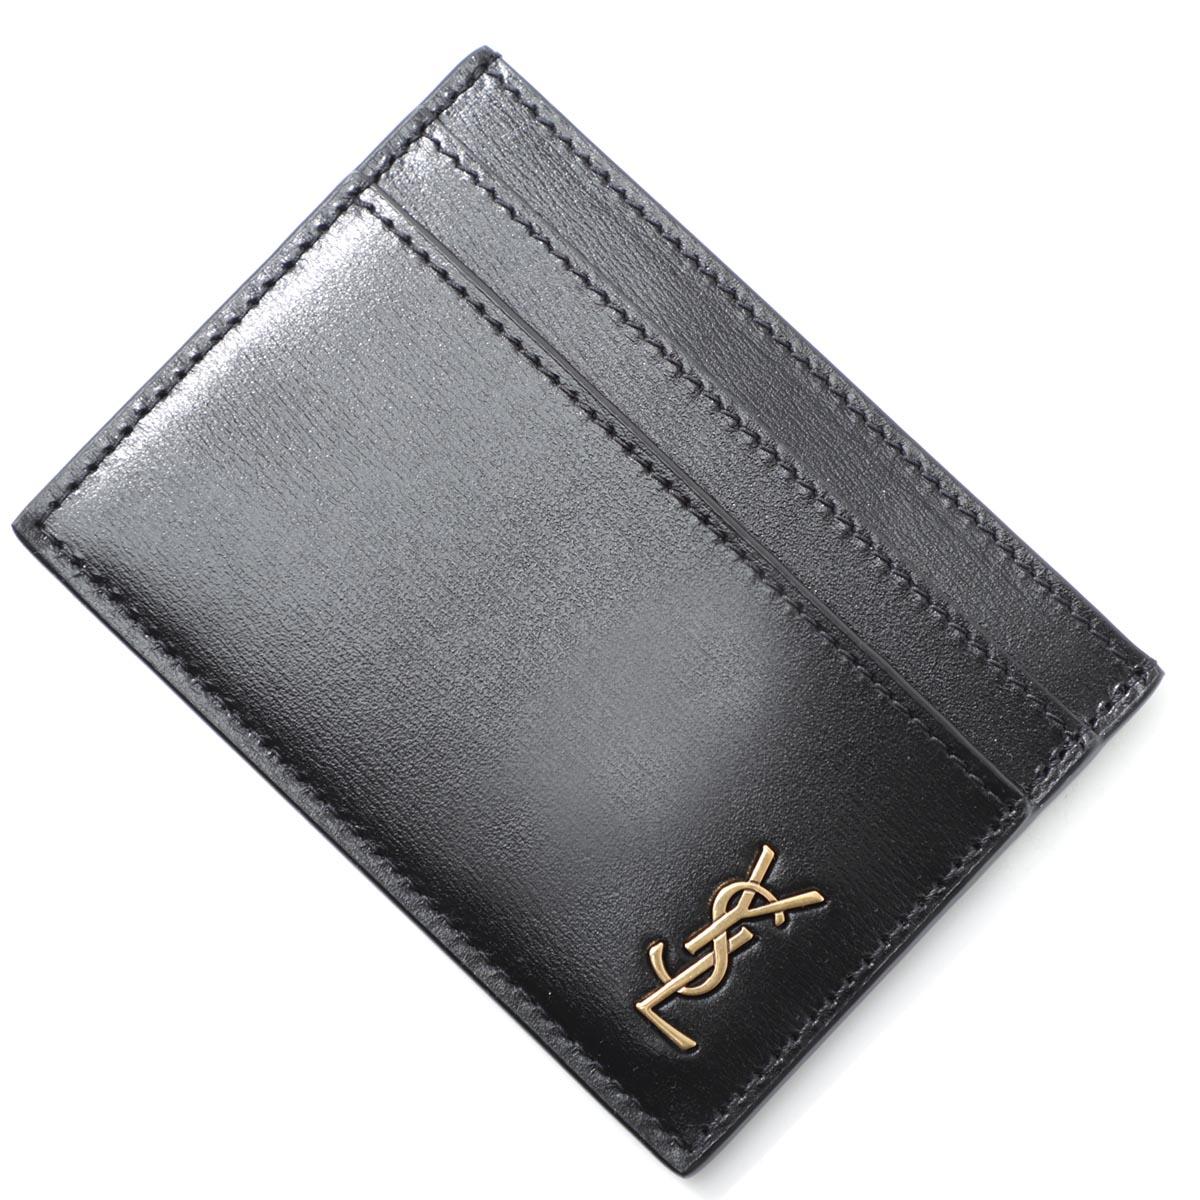 送料無料 贈答 サンローラン SAINT LAURENT カードケース TINY MONOGRAM 在庫一掃 CARD CASE 02g0w 返品送料無料 メンズ 607603 ブラック 1000 ラッピング無料 あす楽対応_関東